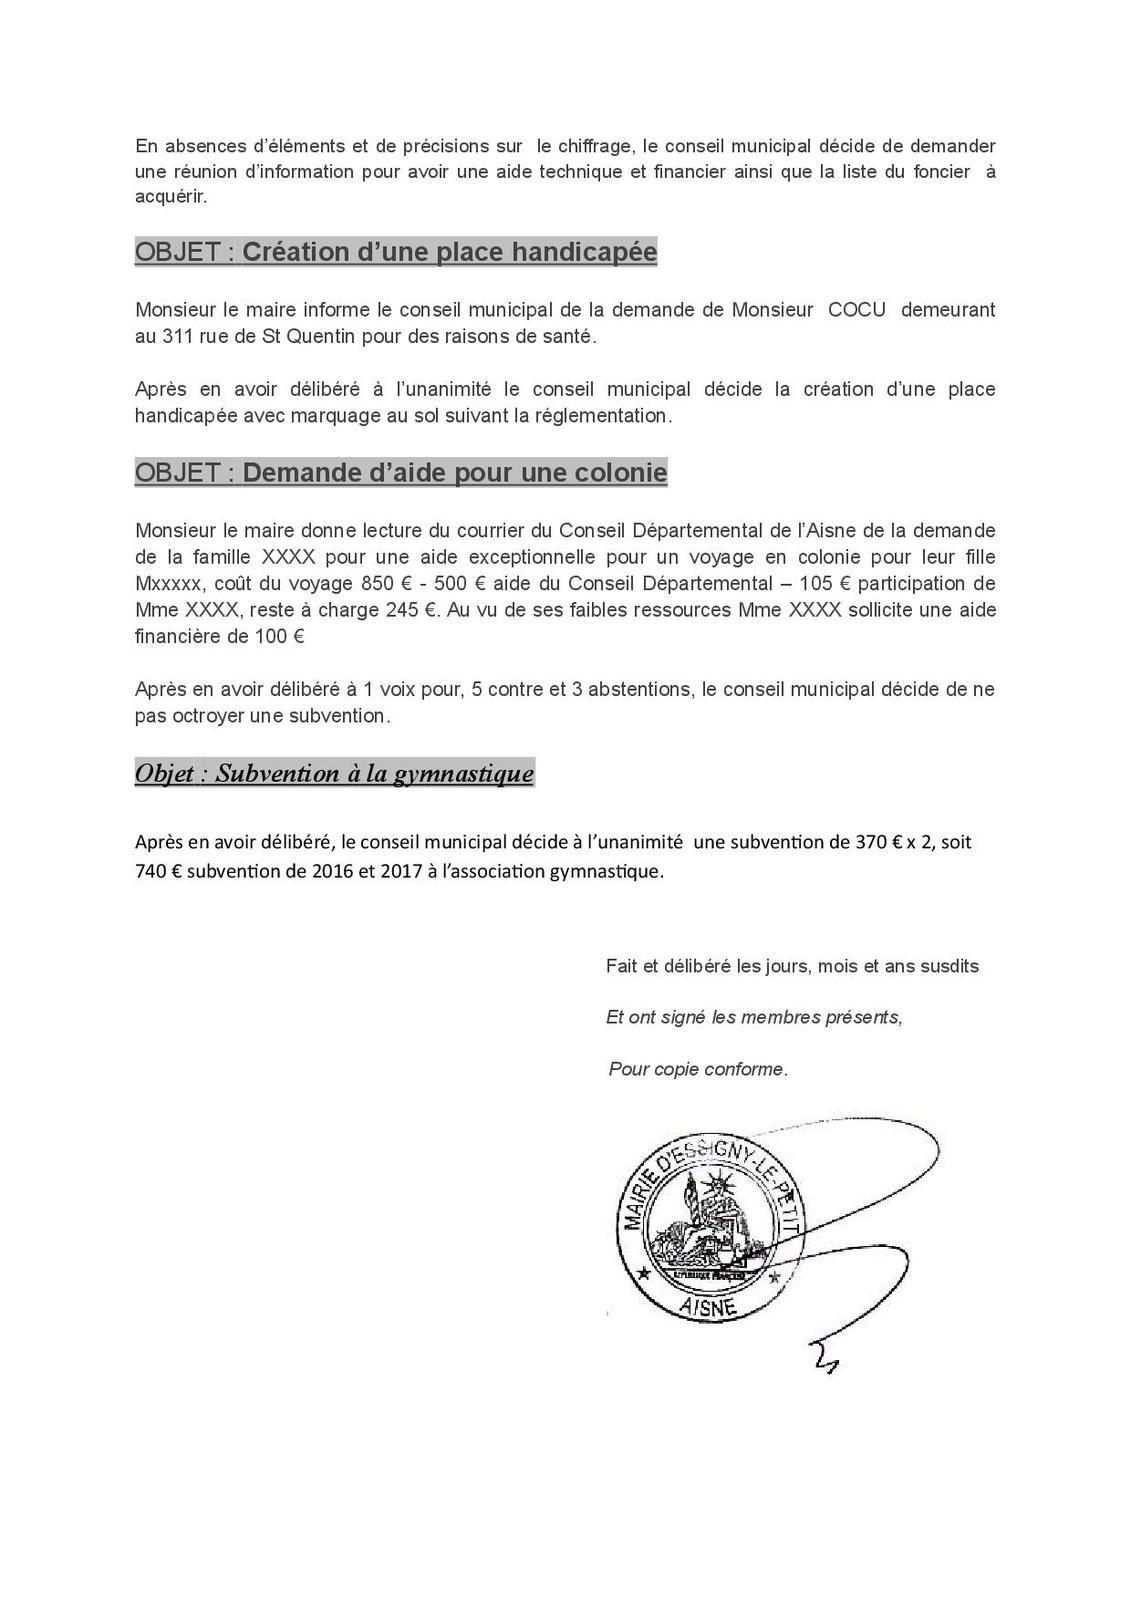 Le conseil municipal : coulées de boue et hydraulique douce étaient au programme